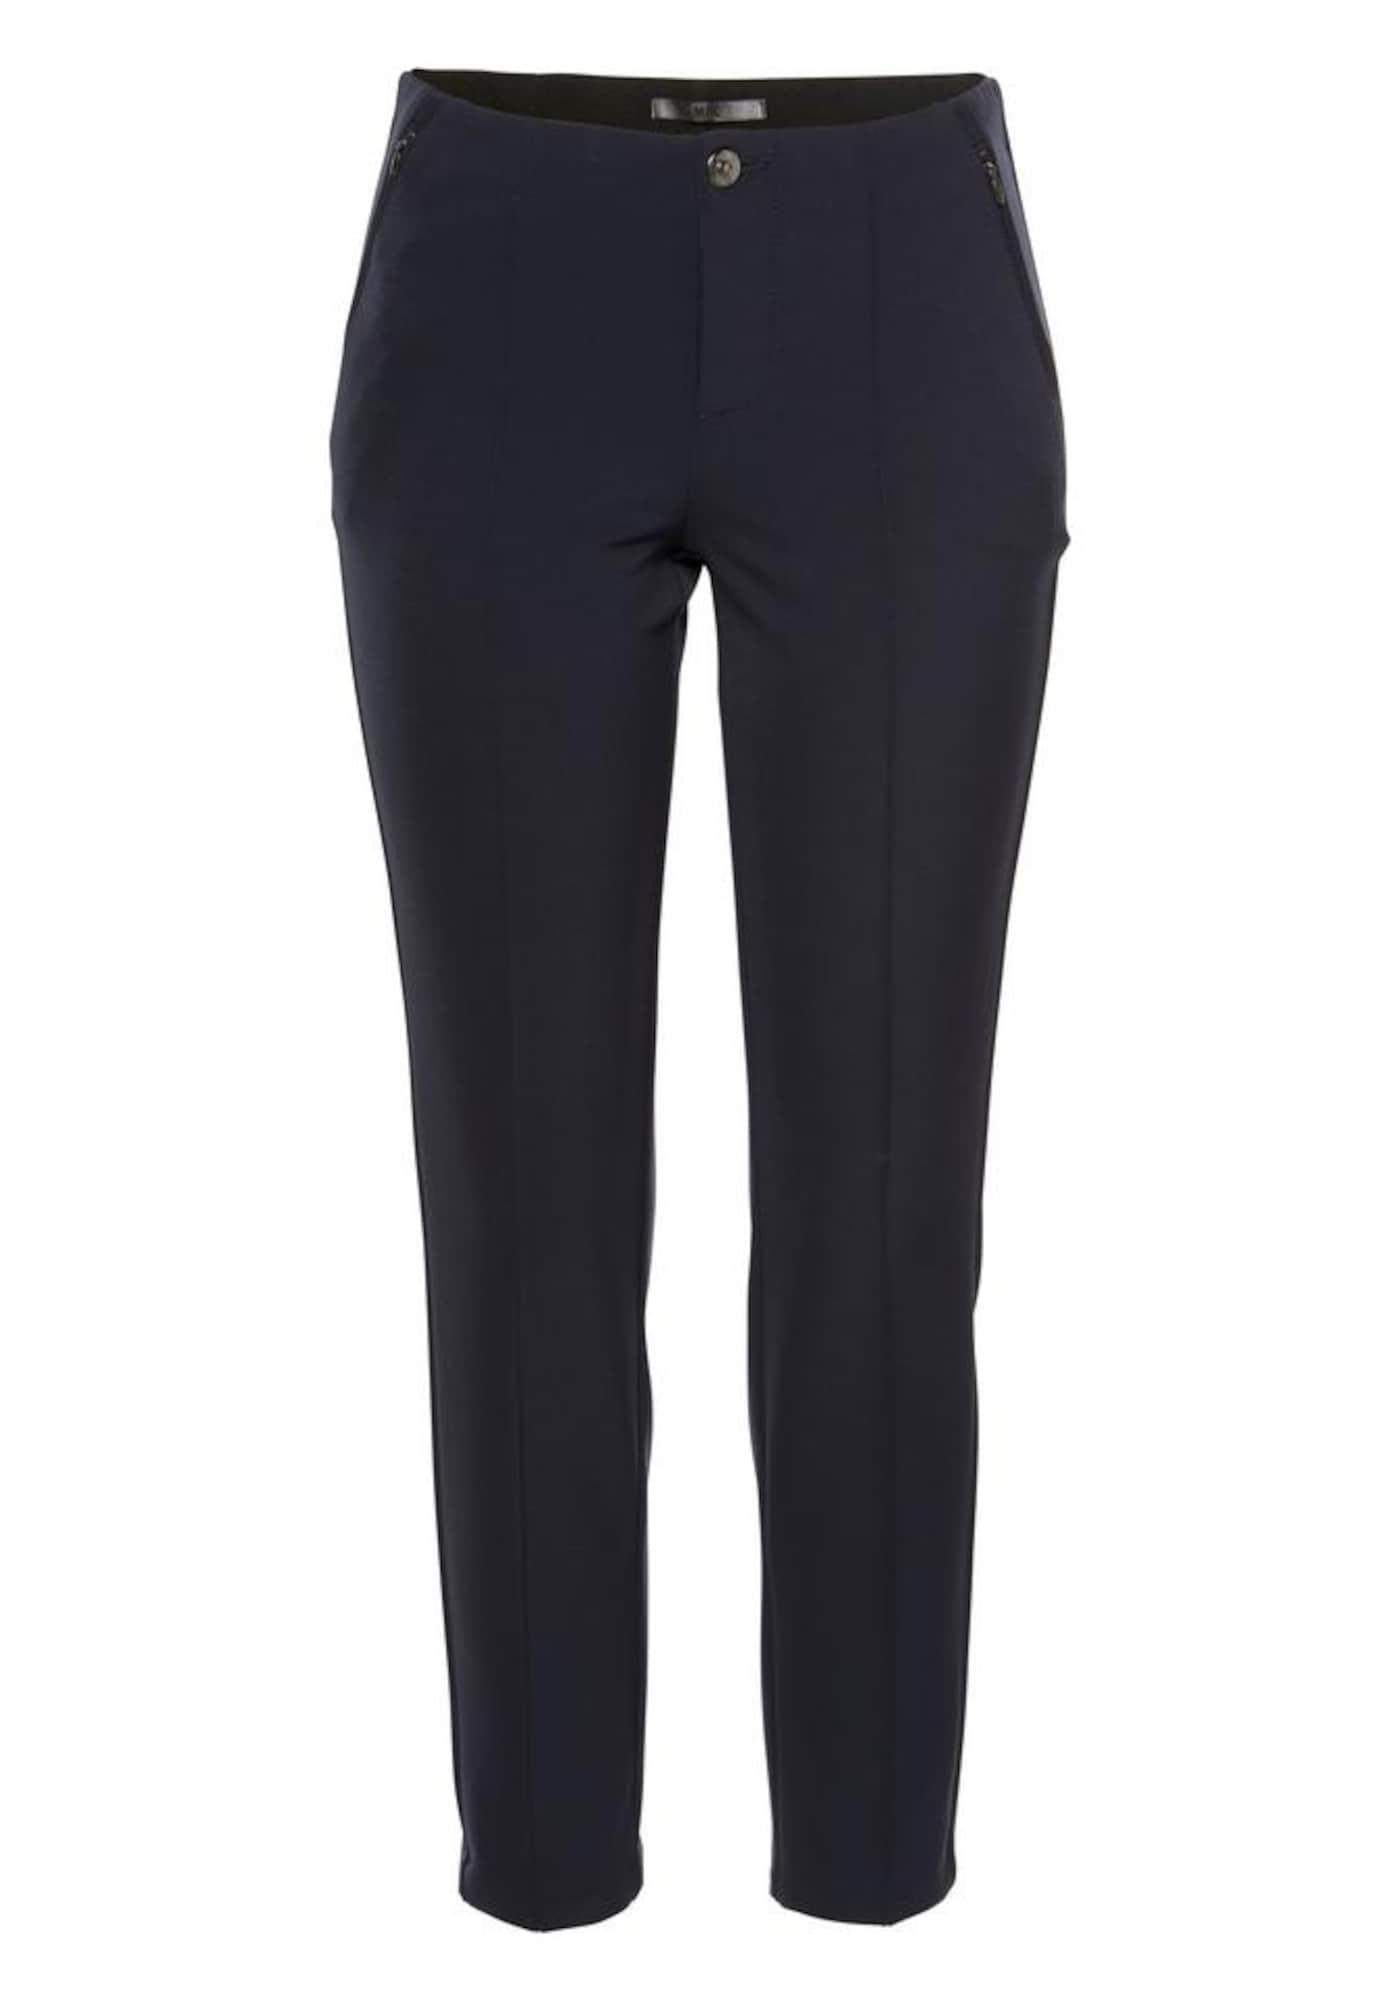 Kalhoty s puky Anna Zip námořnická modř MAC